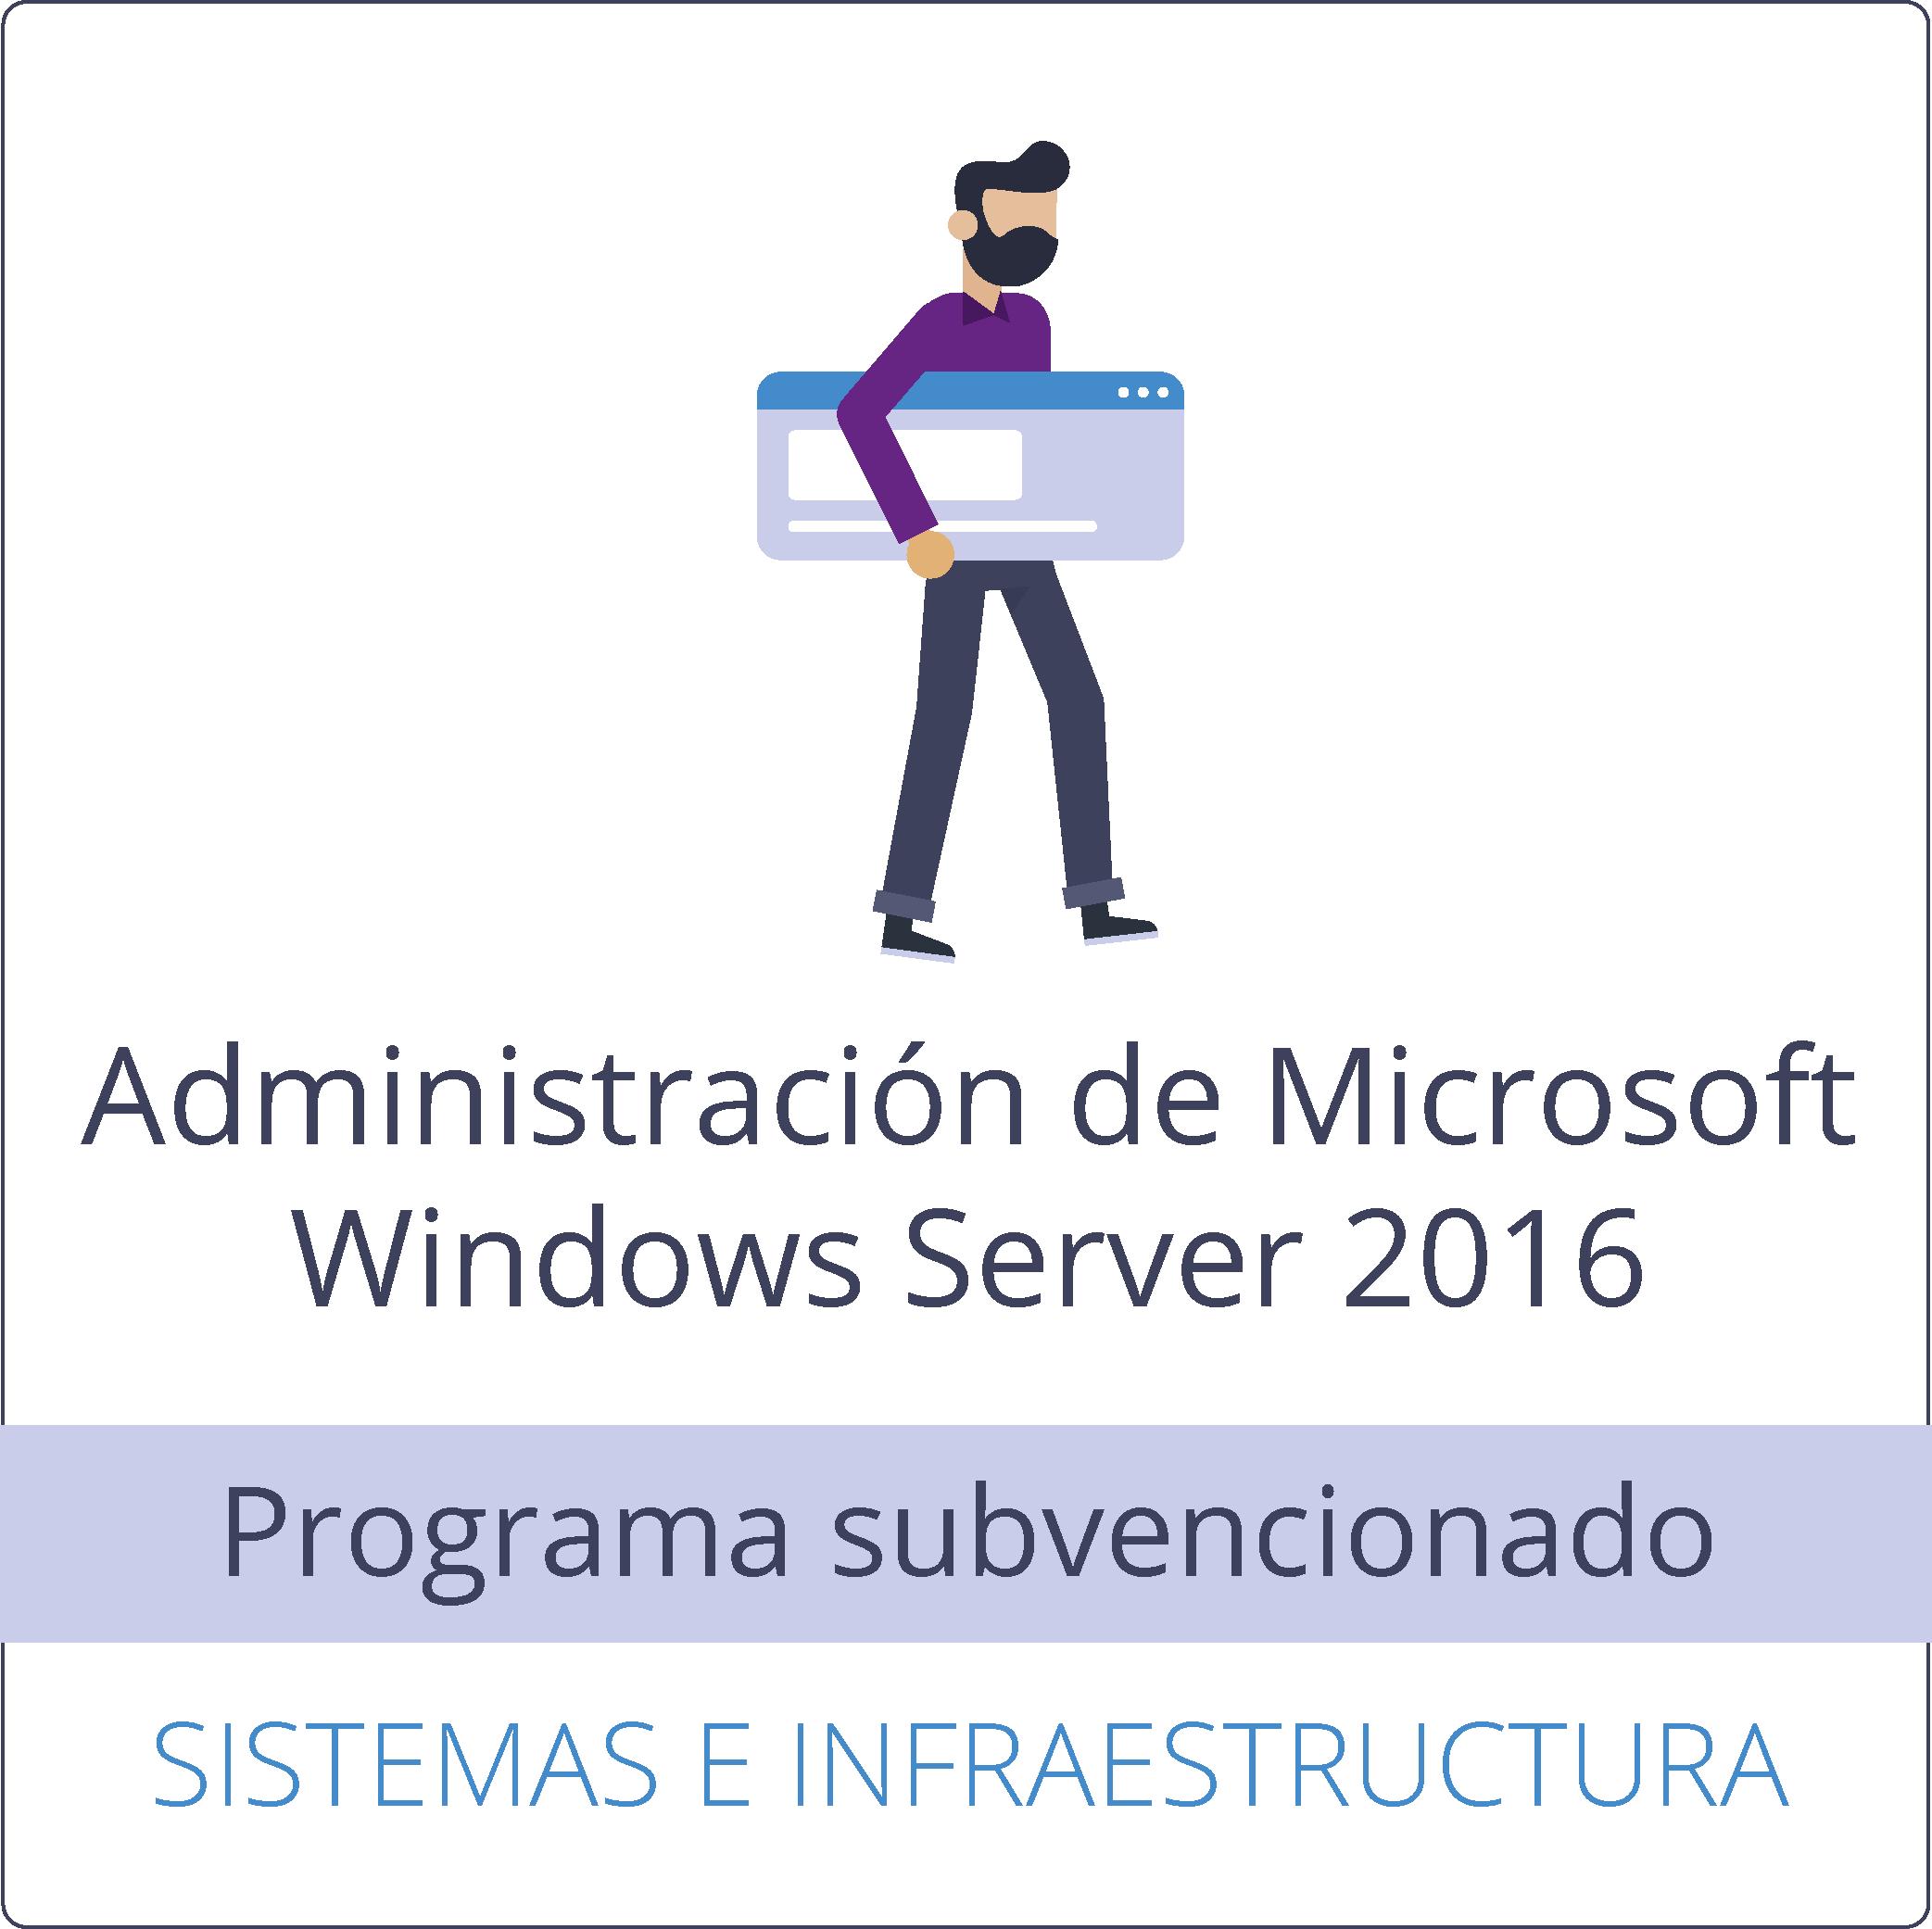 Administración de Microsoft Windows Server 2016 (gratuito)